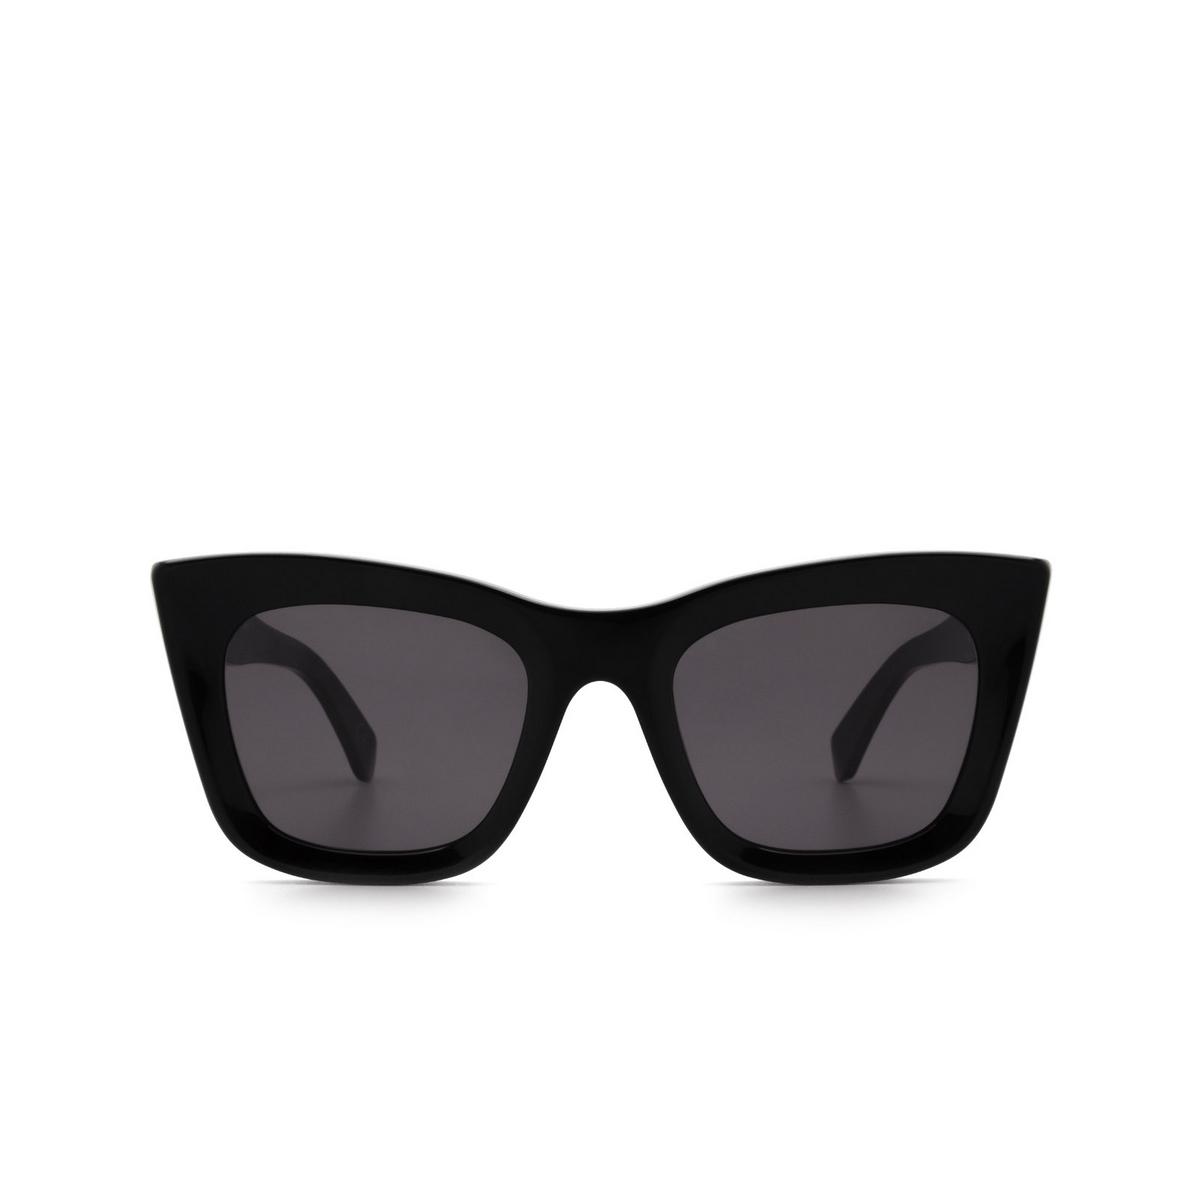 Retrosuperfuture® Square Sunglasses: Oltre color Black RG6 - front view.